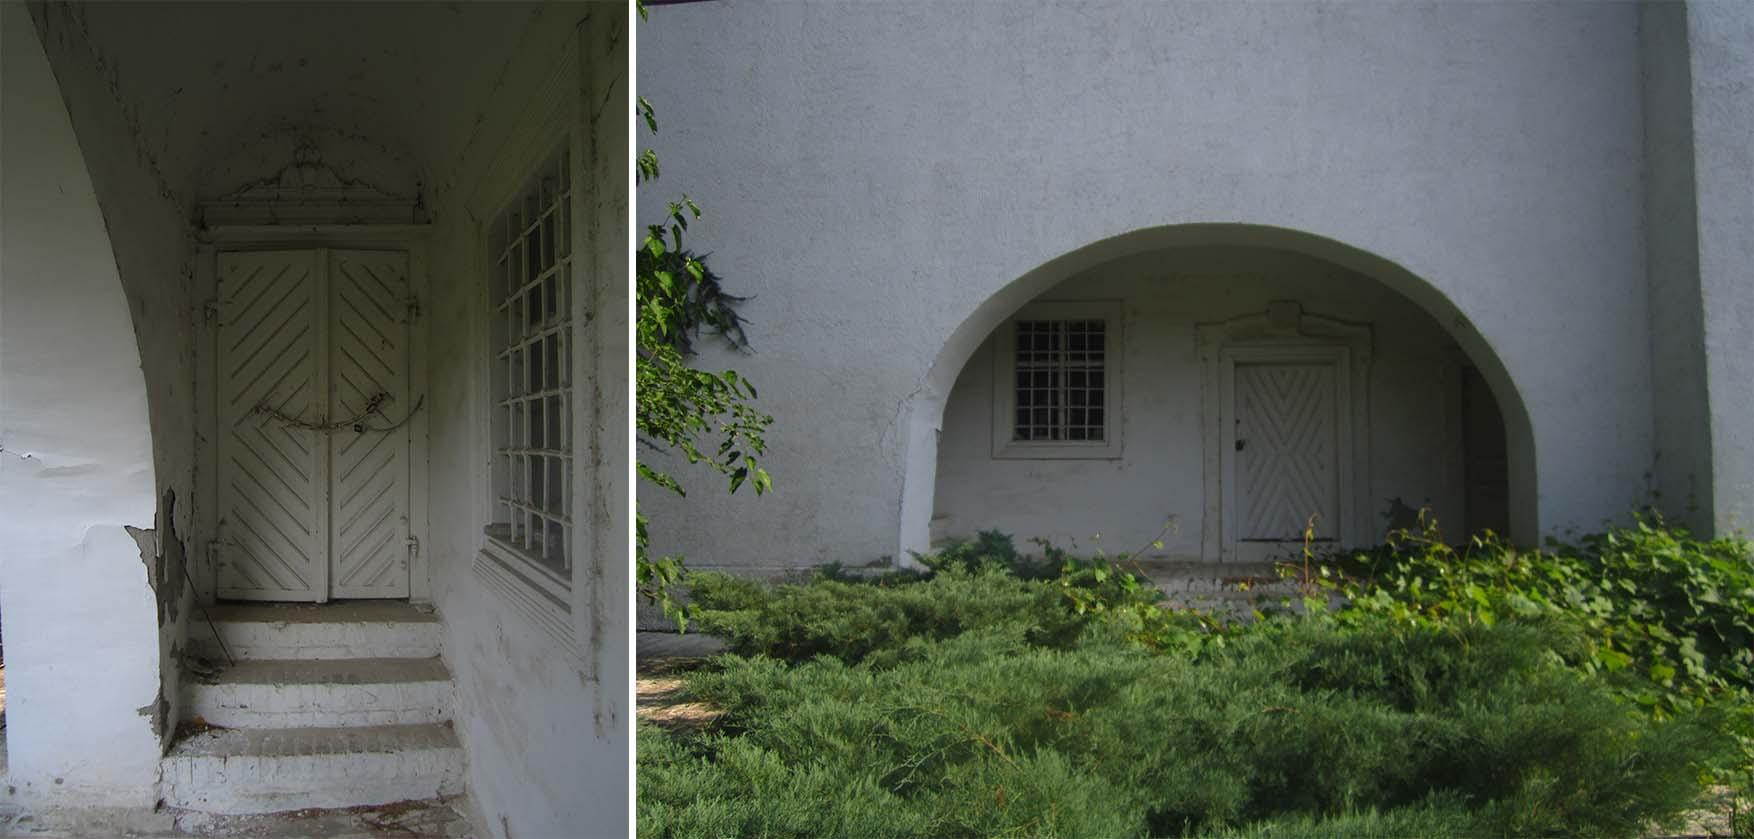 118 Bela Crkva